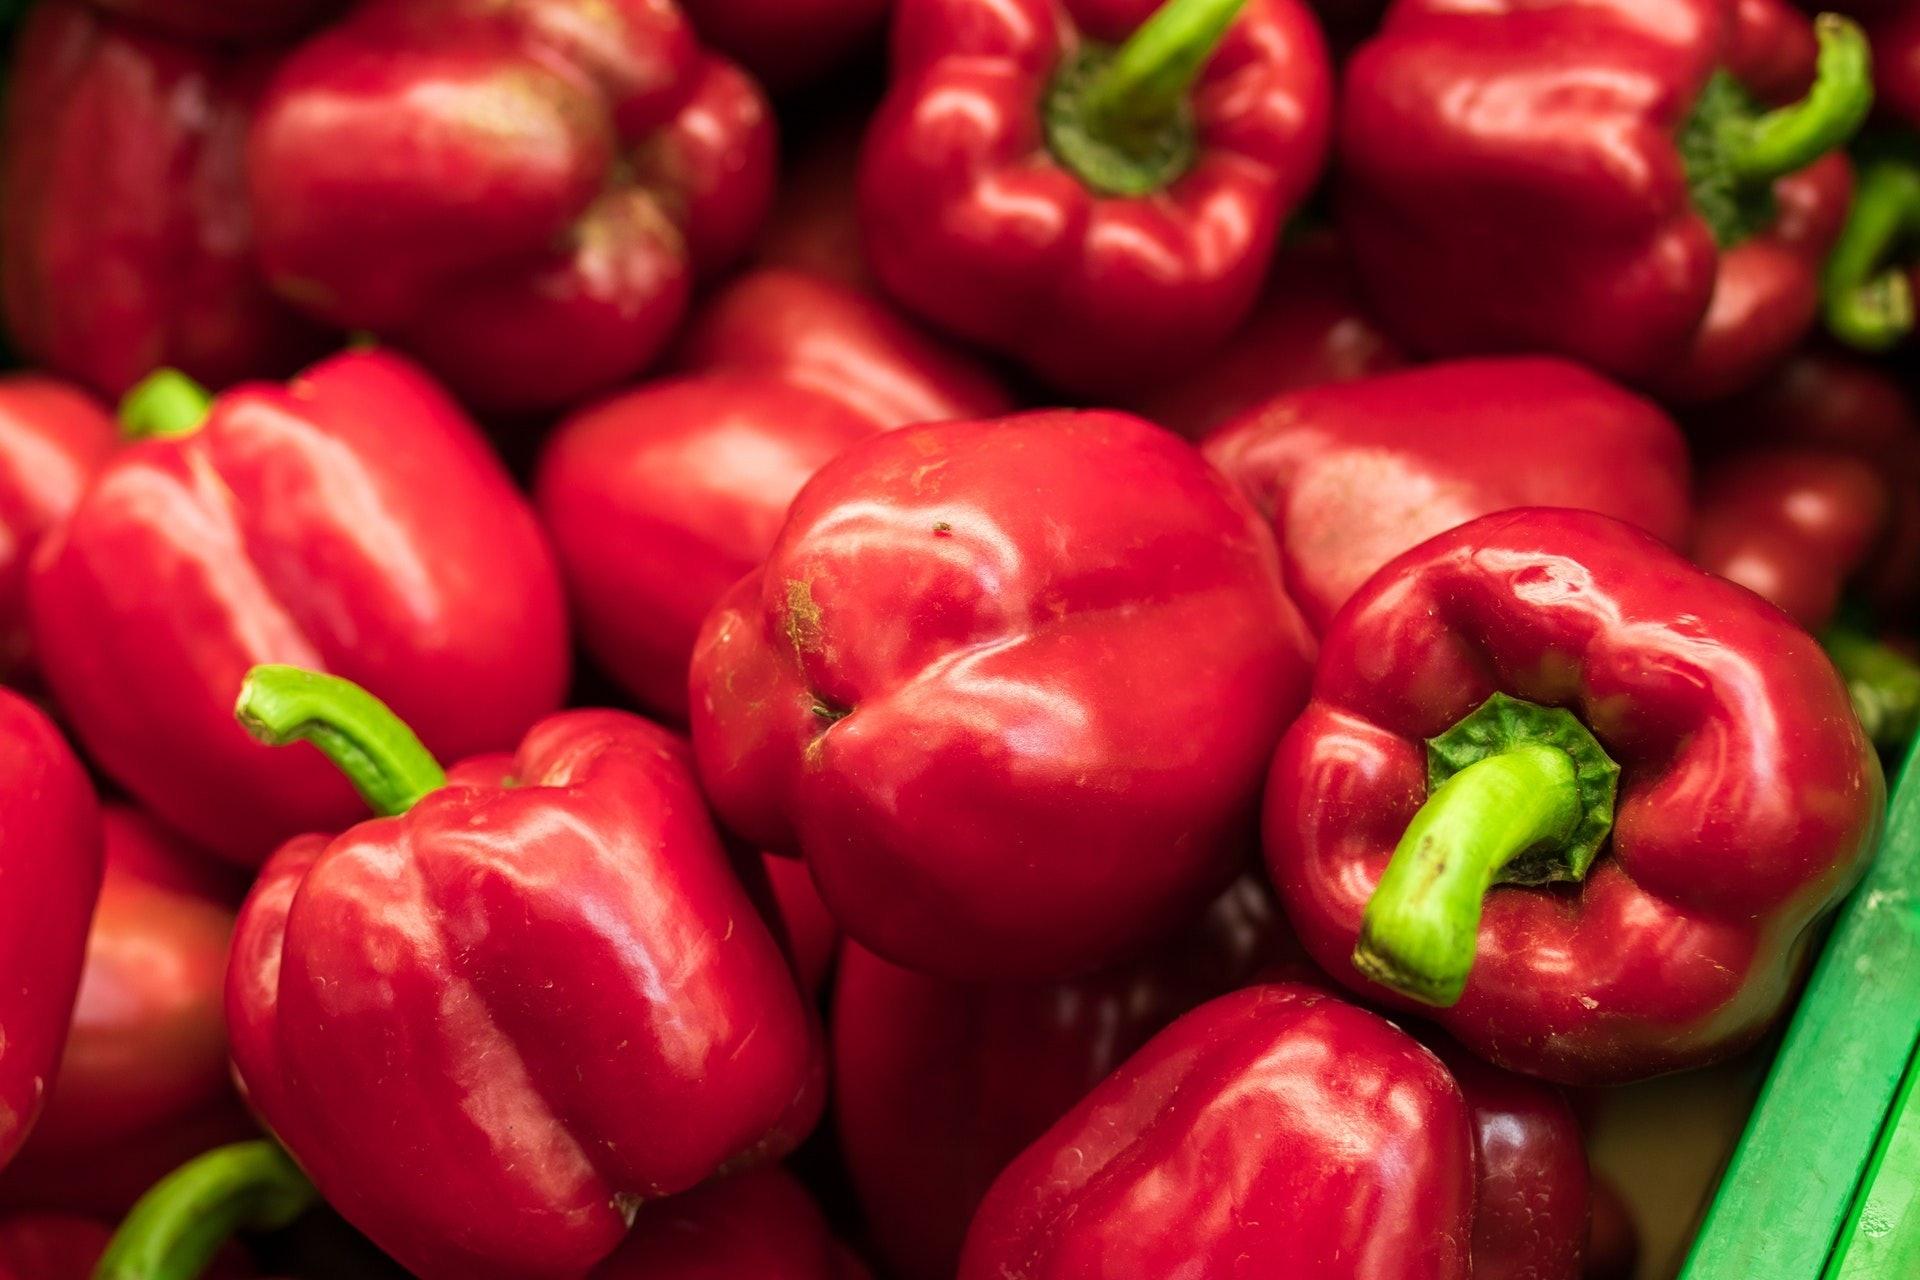 3. 紅椒|紅椒不止有維他命C、B6、維他命A、葉酸和纖維,而且低鉀,對腎臟健康原來十分有益。紅椒蘊含茄紅素,能預防部分癌症。(Pexels)